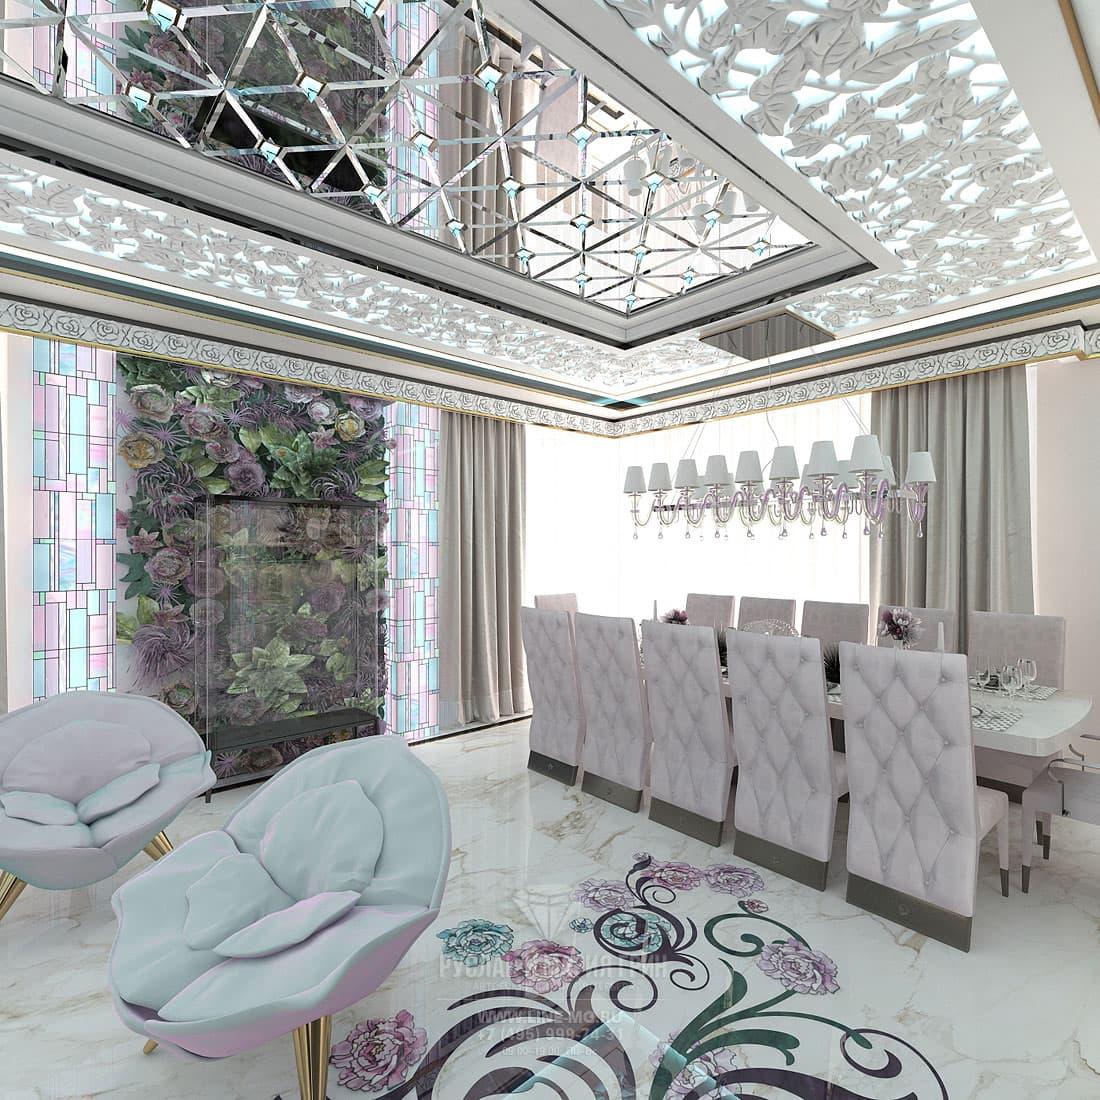 Дизайн потолка от профессиональных дизайнеров